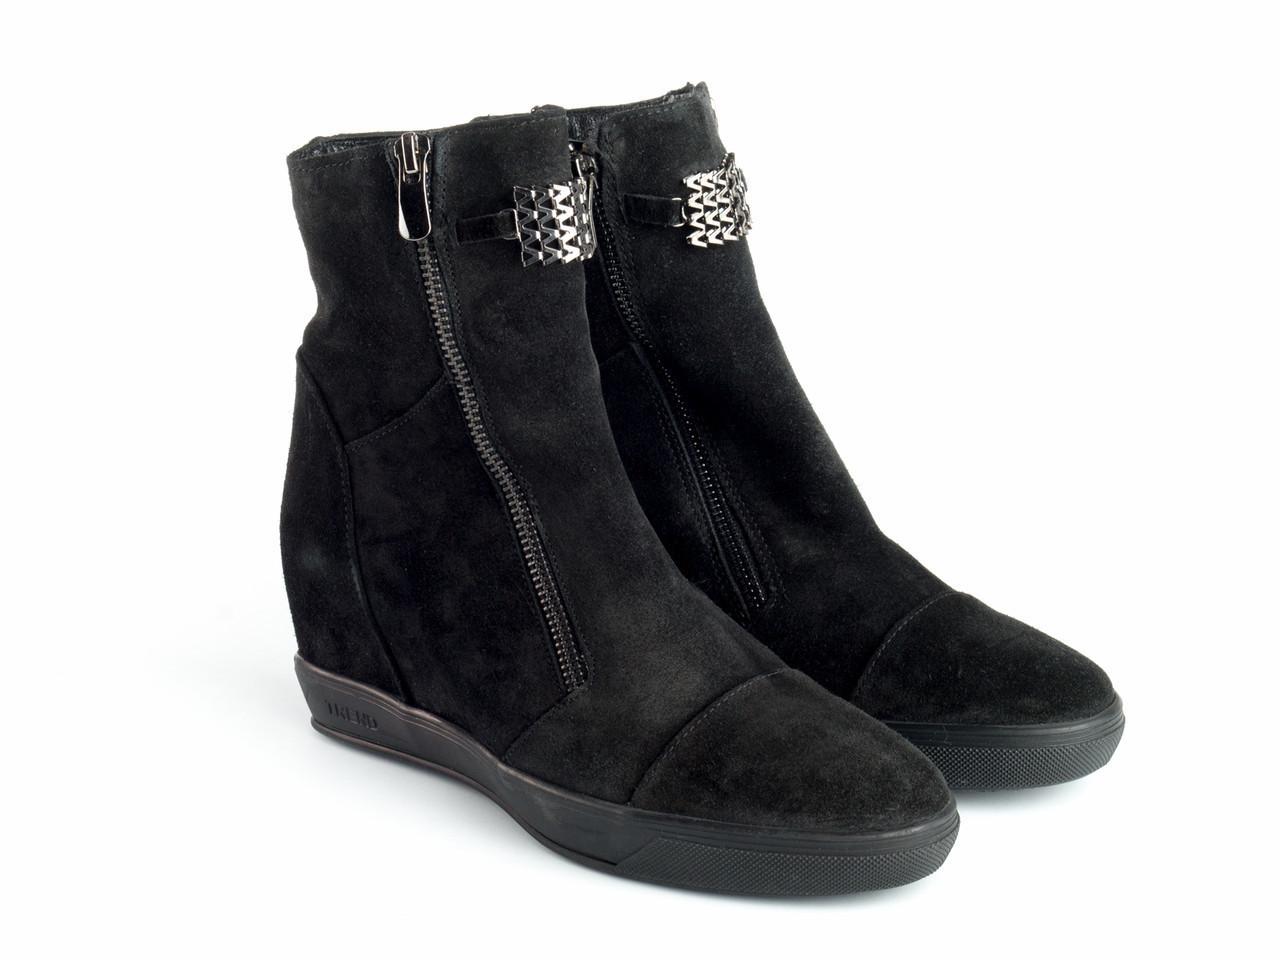 Ботинки Etor 6442-01058 38 черные